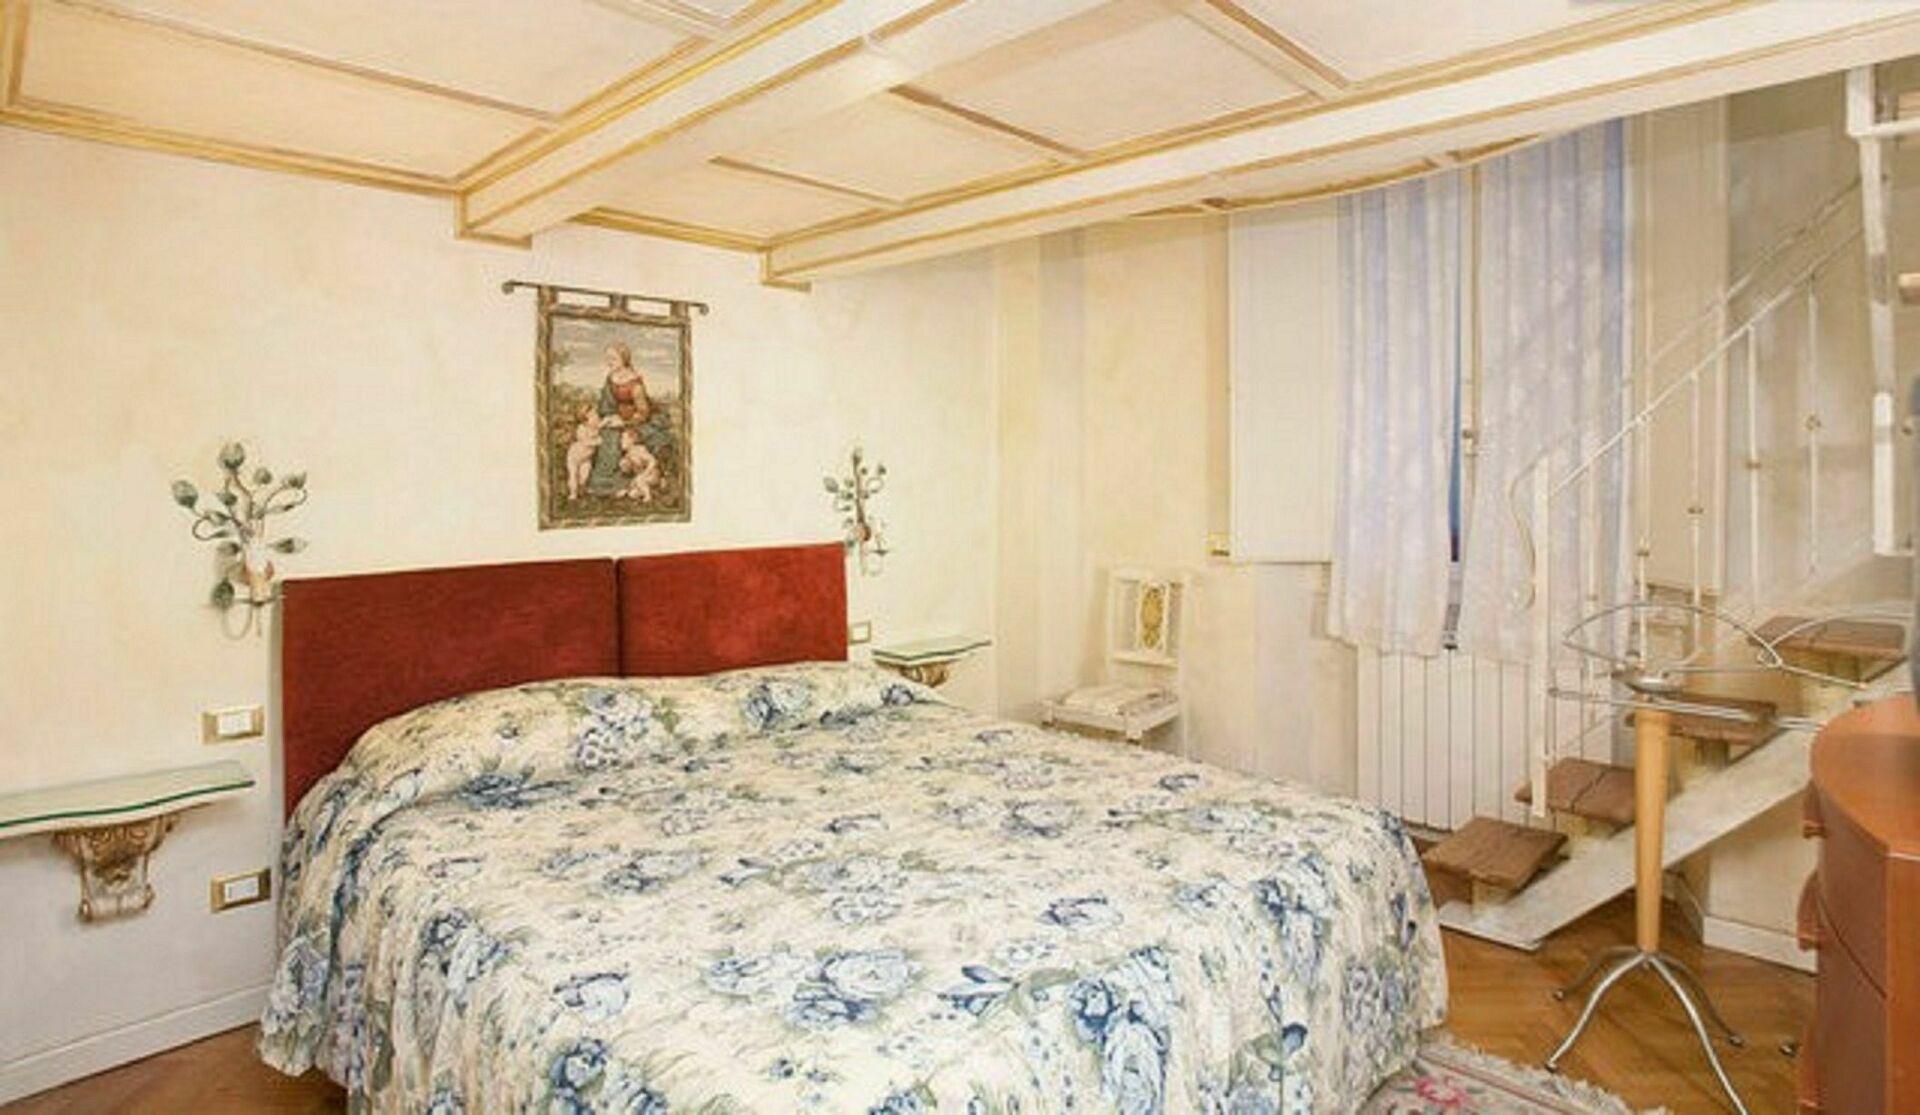 Appartamento renata casa vacanze con 6 posti letto in 3 camere firenze toscana italia - Camere da letto firenze ...